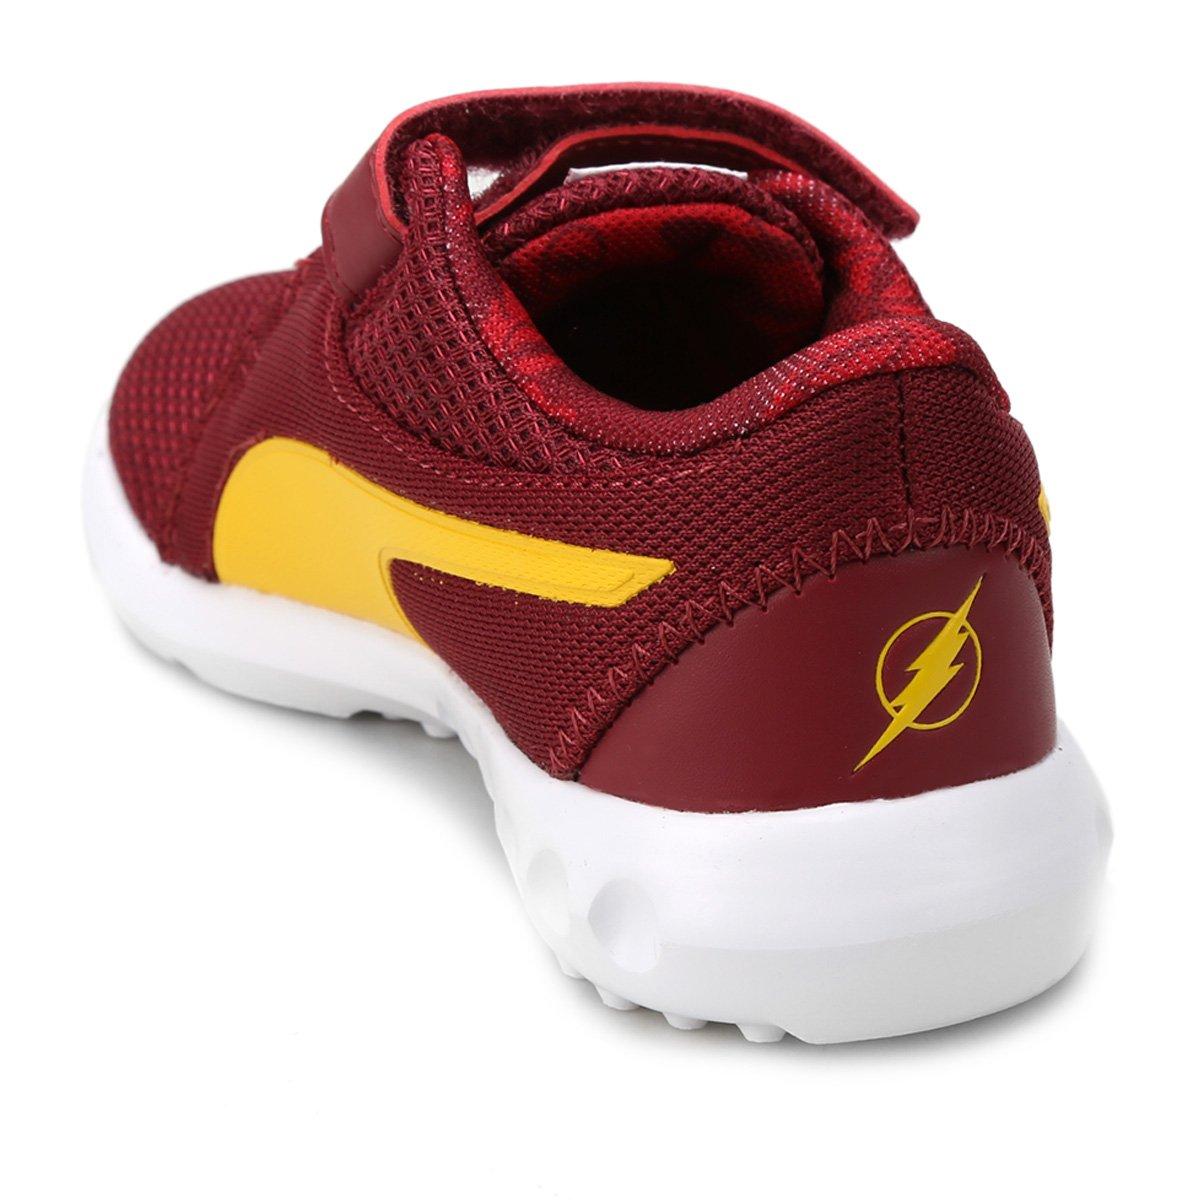 ... Tênis Infantil Puma Liga da Justiça Carson 2 V Ps Masculino - Compre . fe99521ee551e